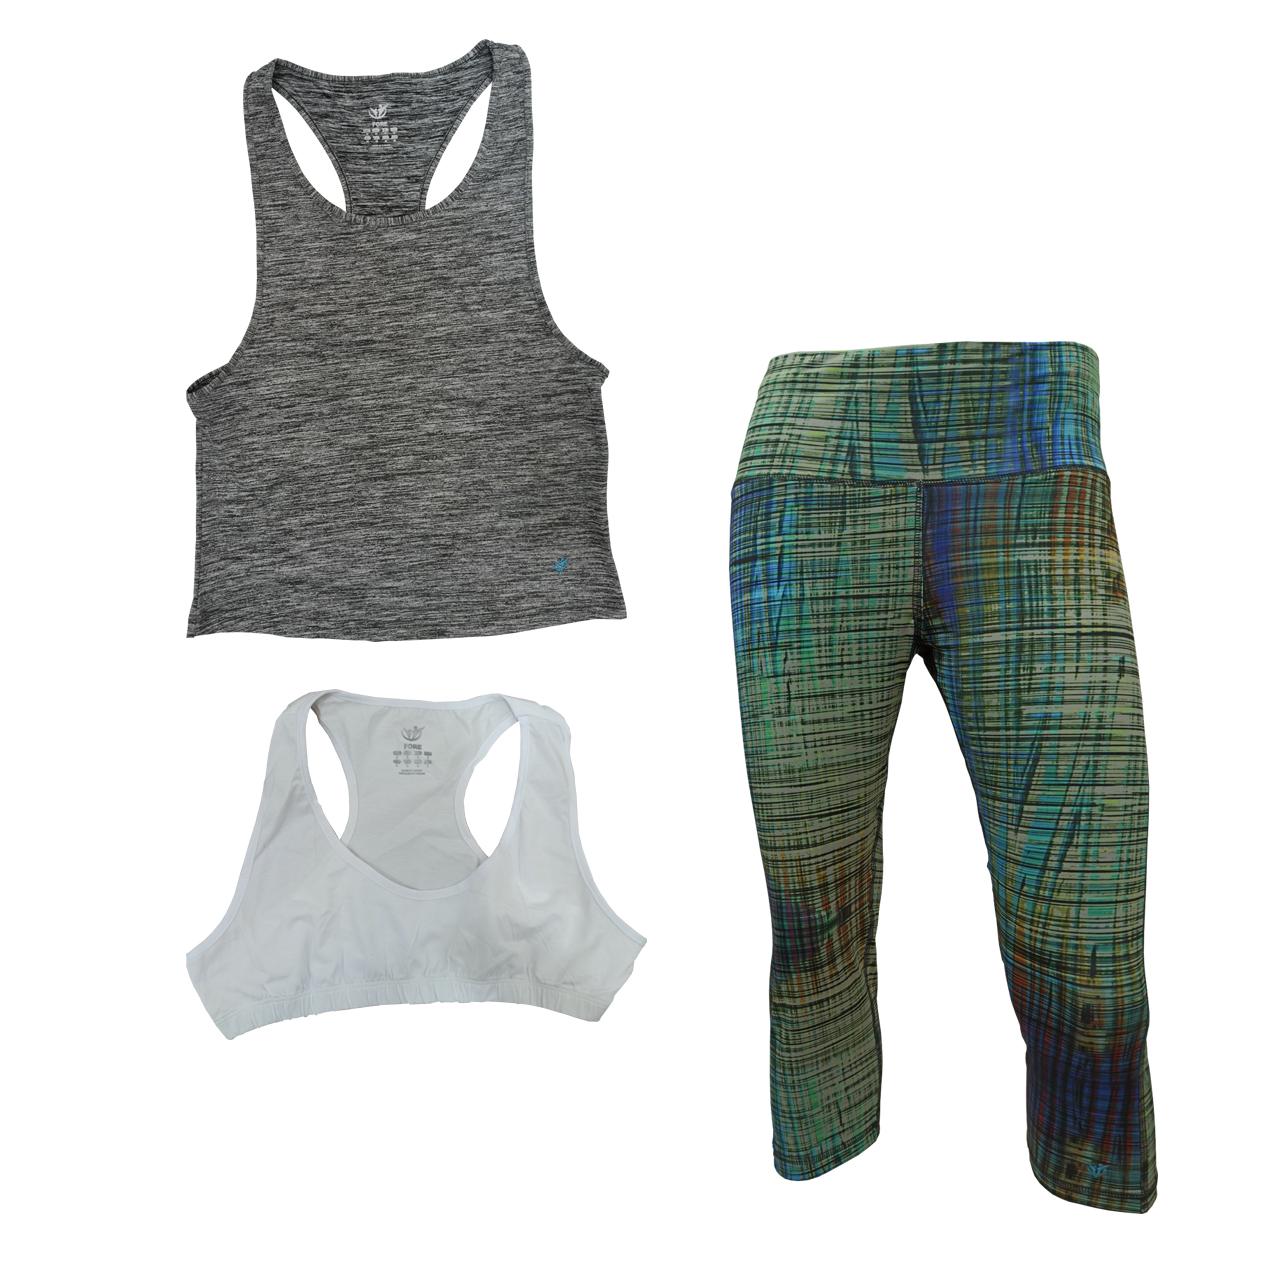 ست 3 تکه لباس ورزشی زنانه فوره کد F3-201